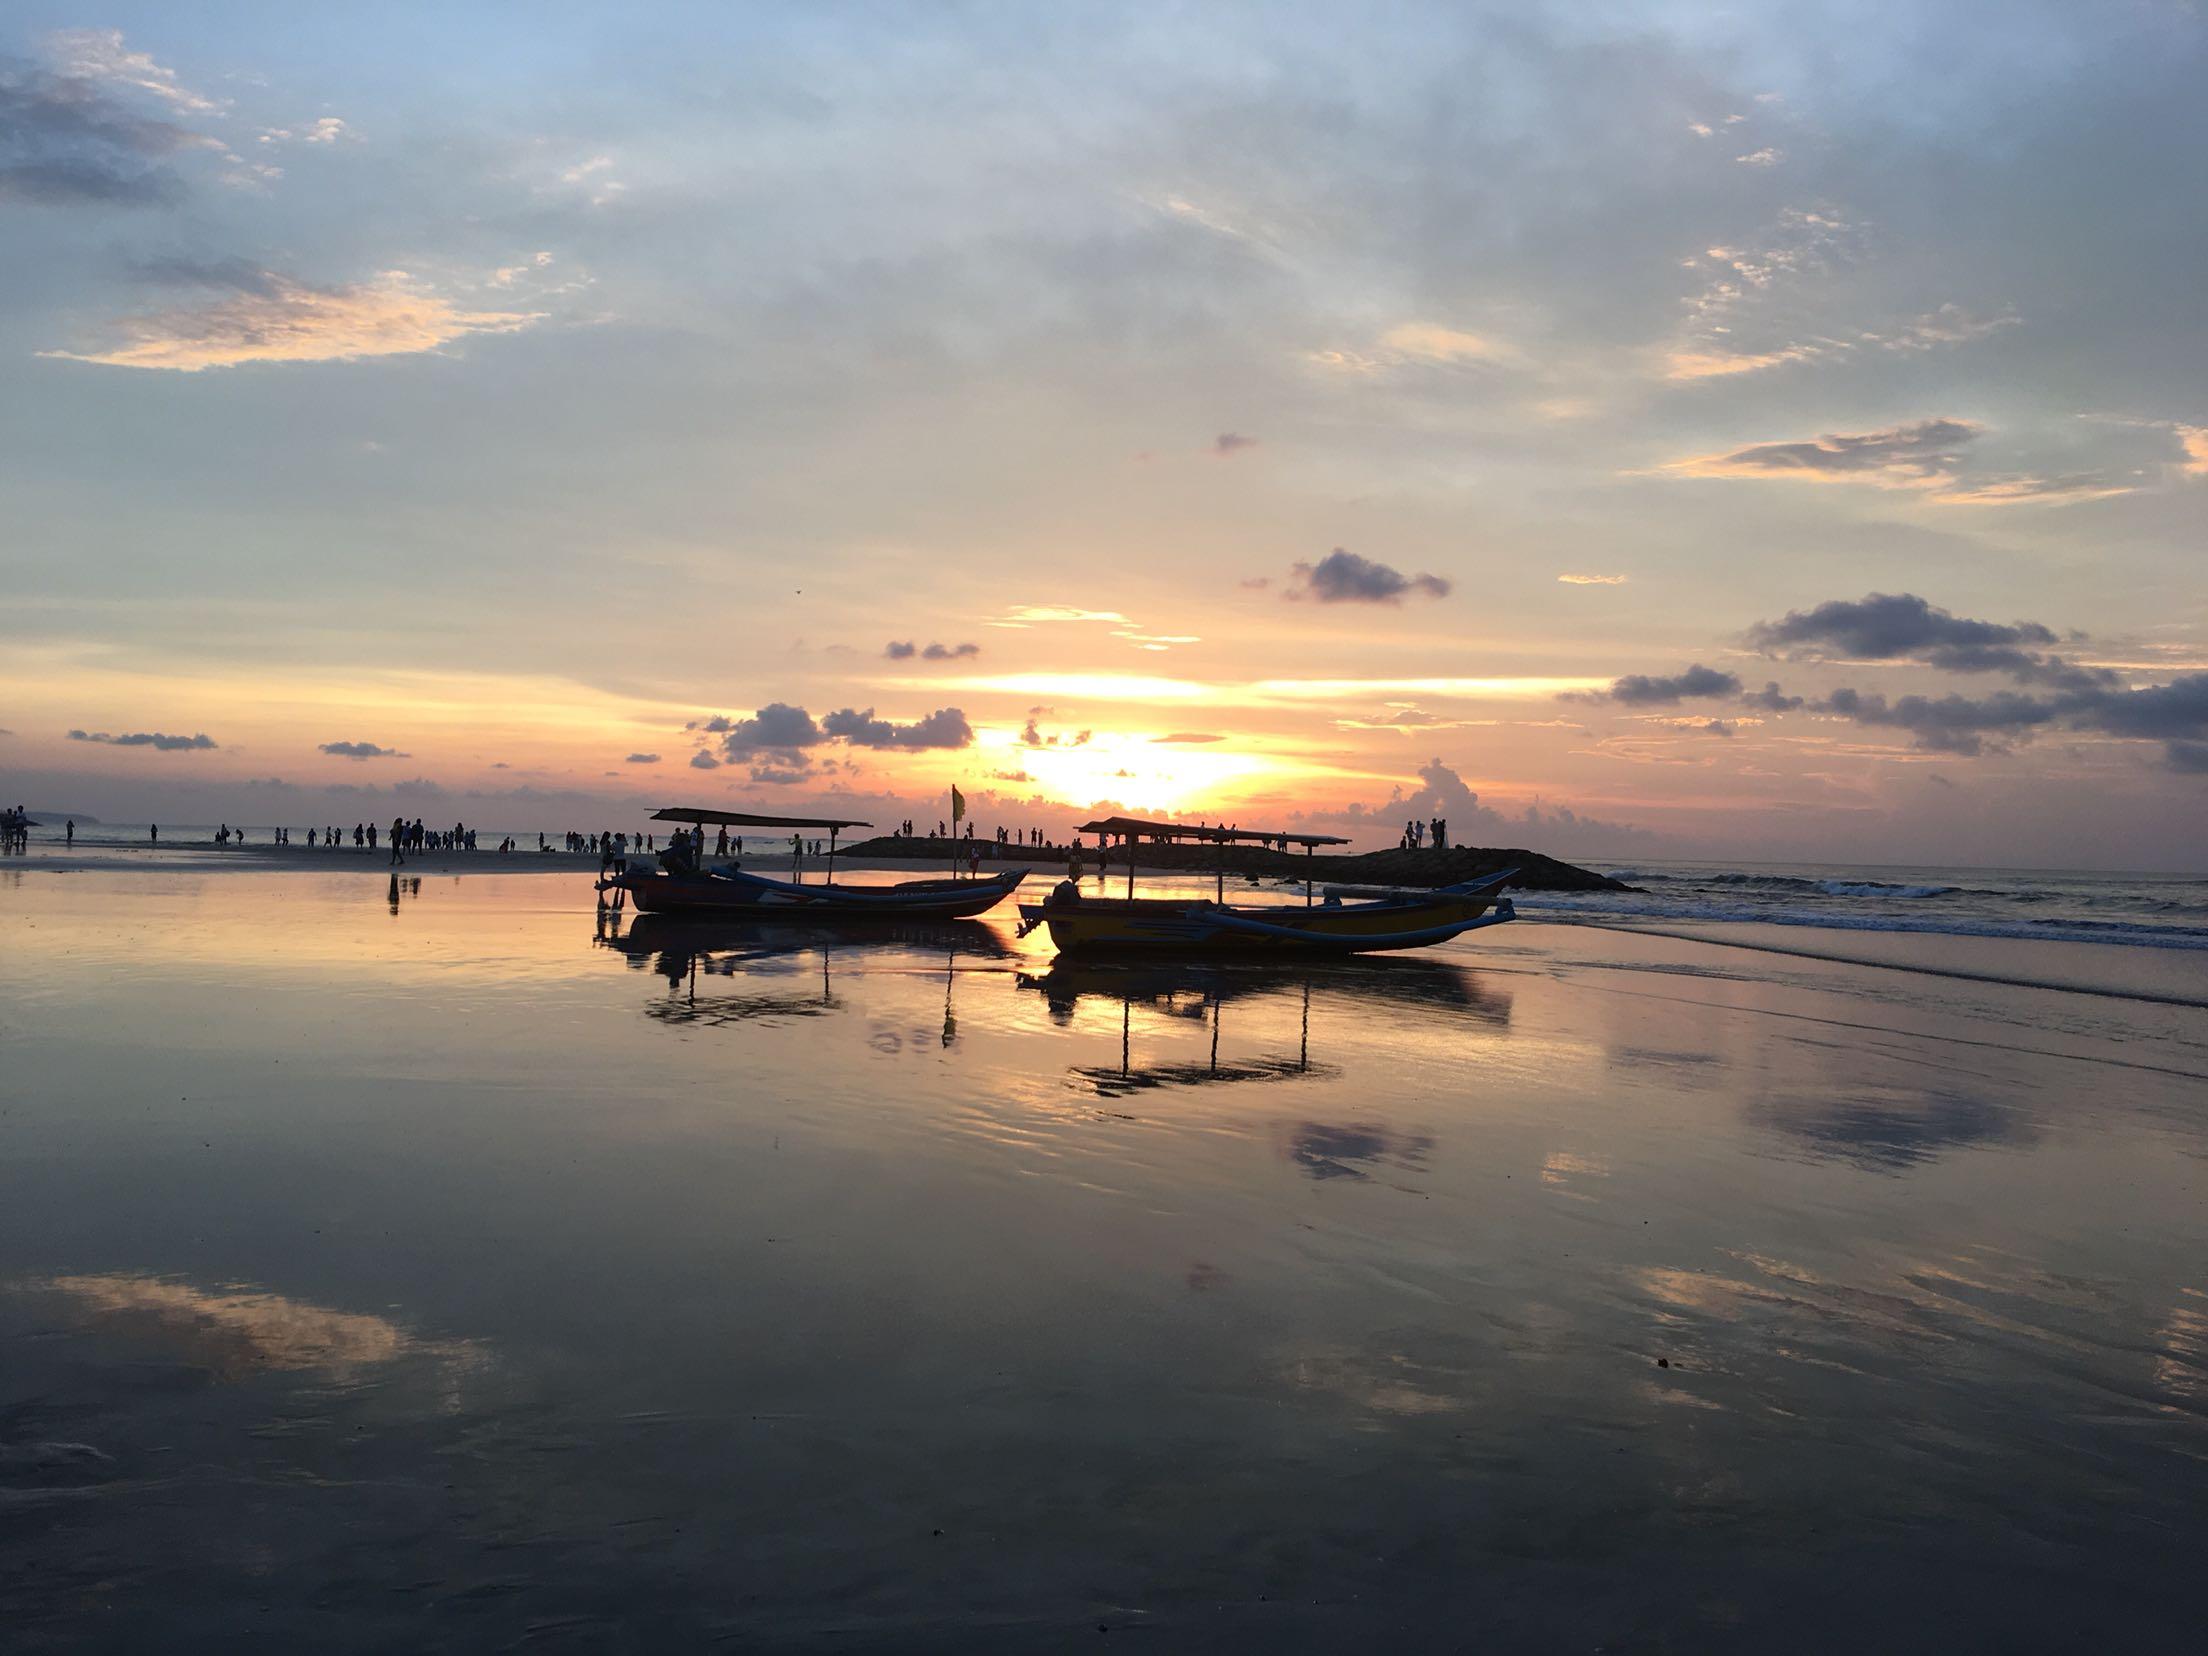 巴厘岛6晚8日半自助游_济南到巴厘岛跟团旅游攻略报价